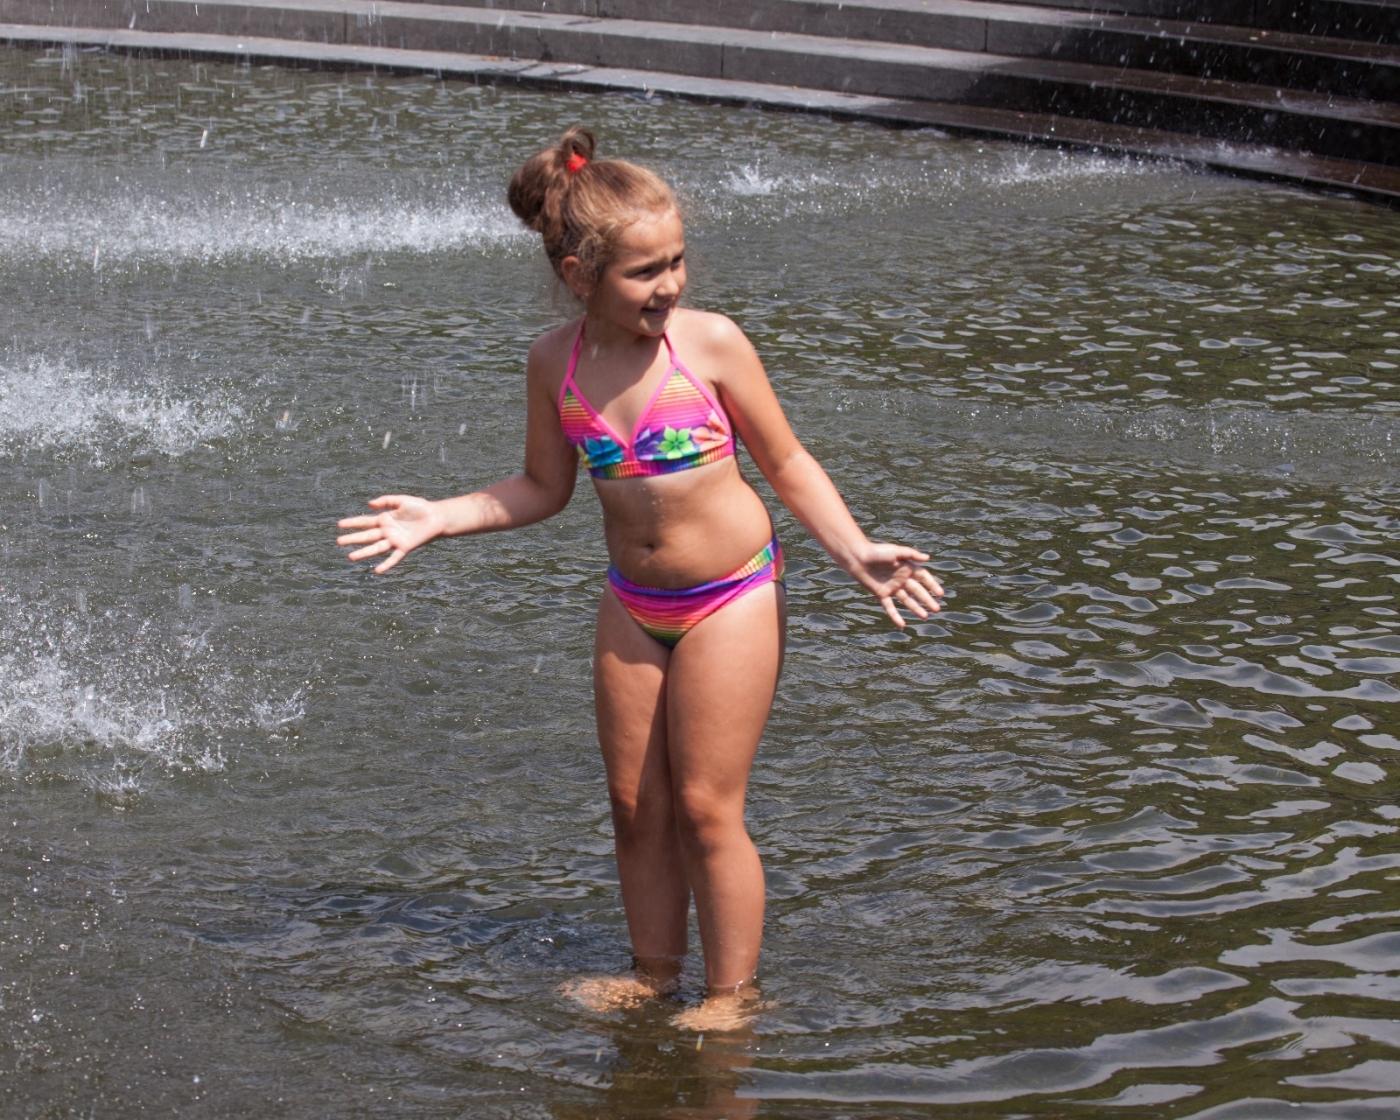 在喷水池中戏水的小孩,天真活泼(摄于纽约华盛顿广场喷水池) ... ... ..._图1-11